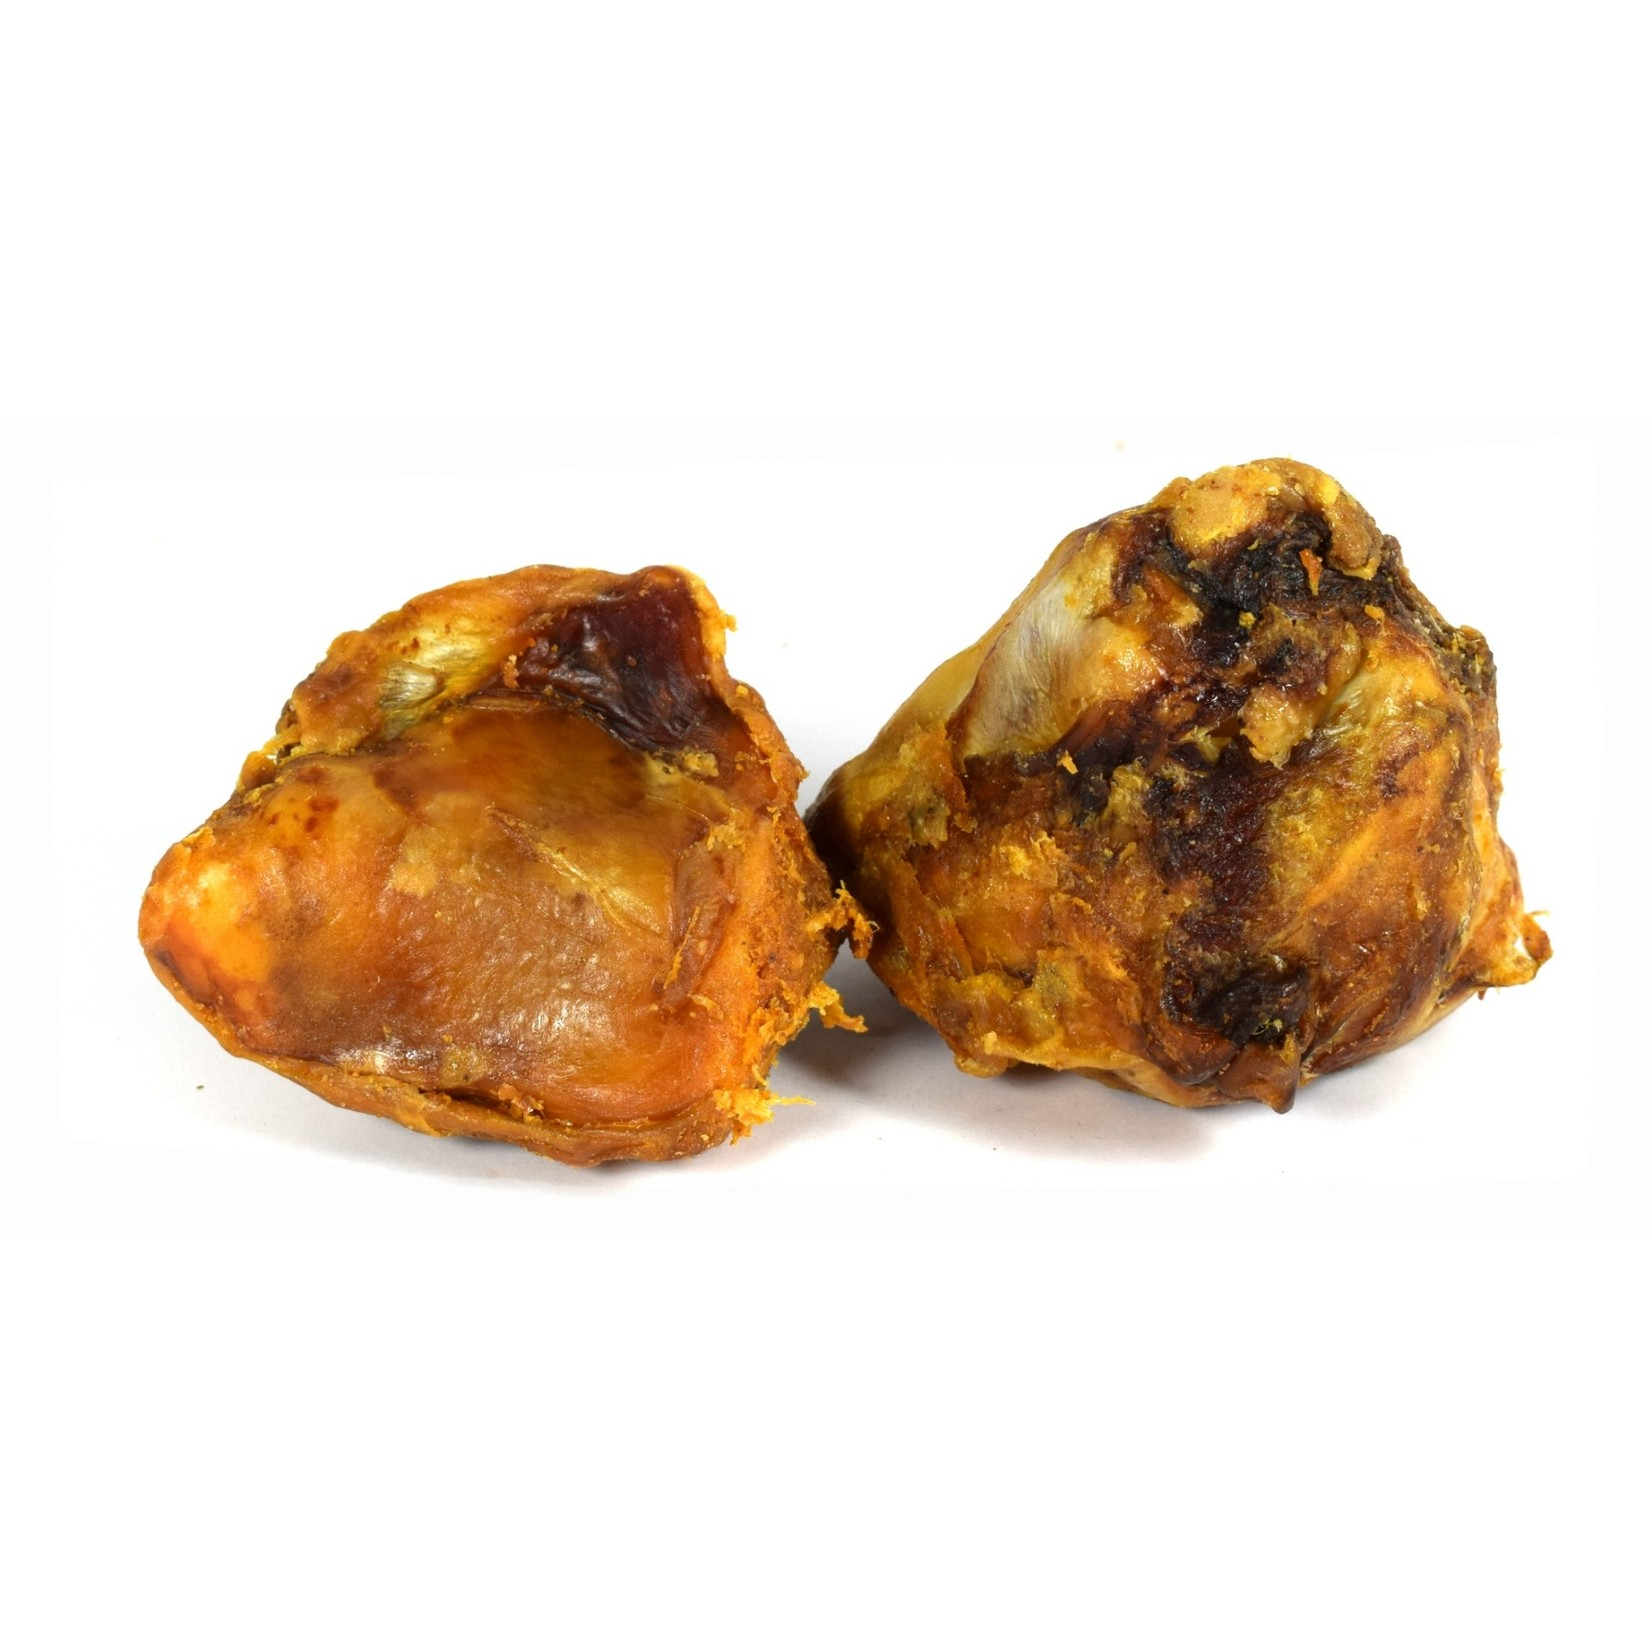 Knieschijf (met vlees)